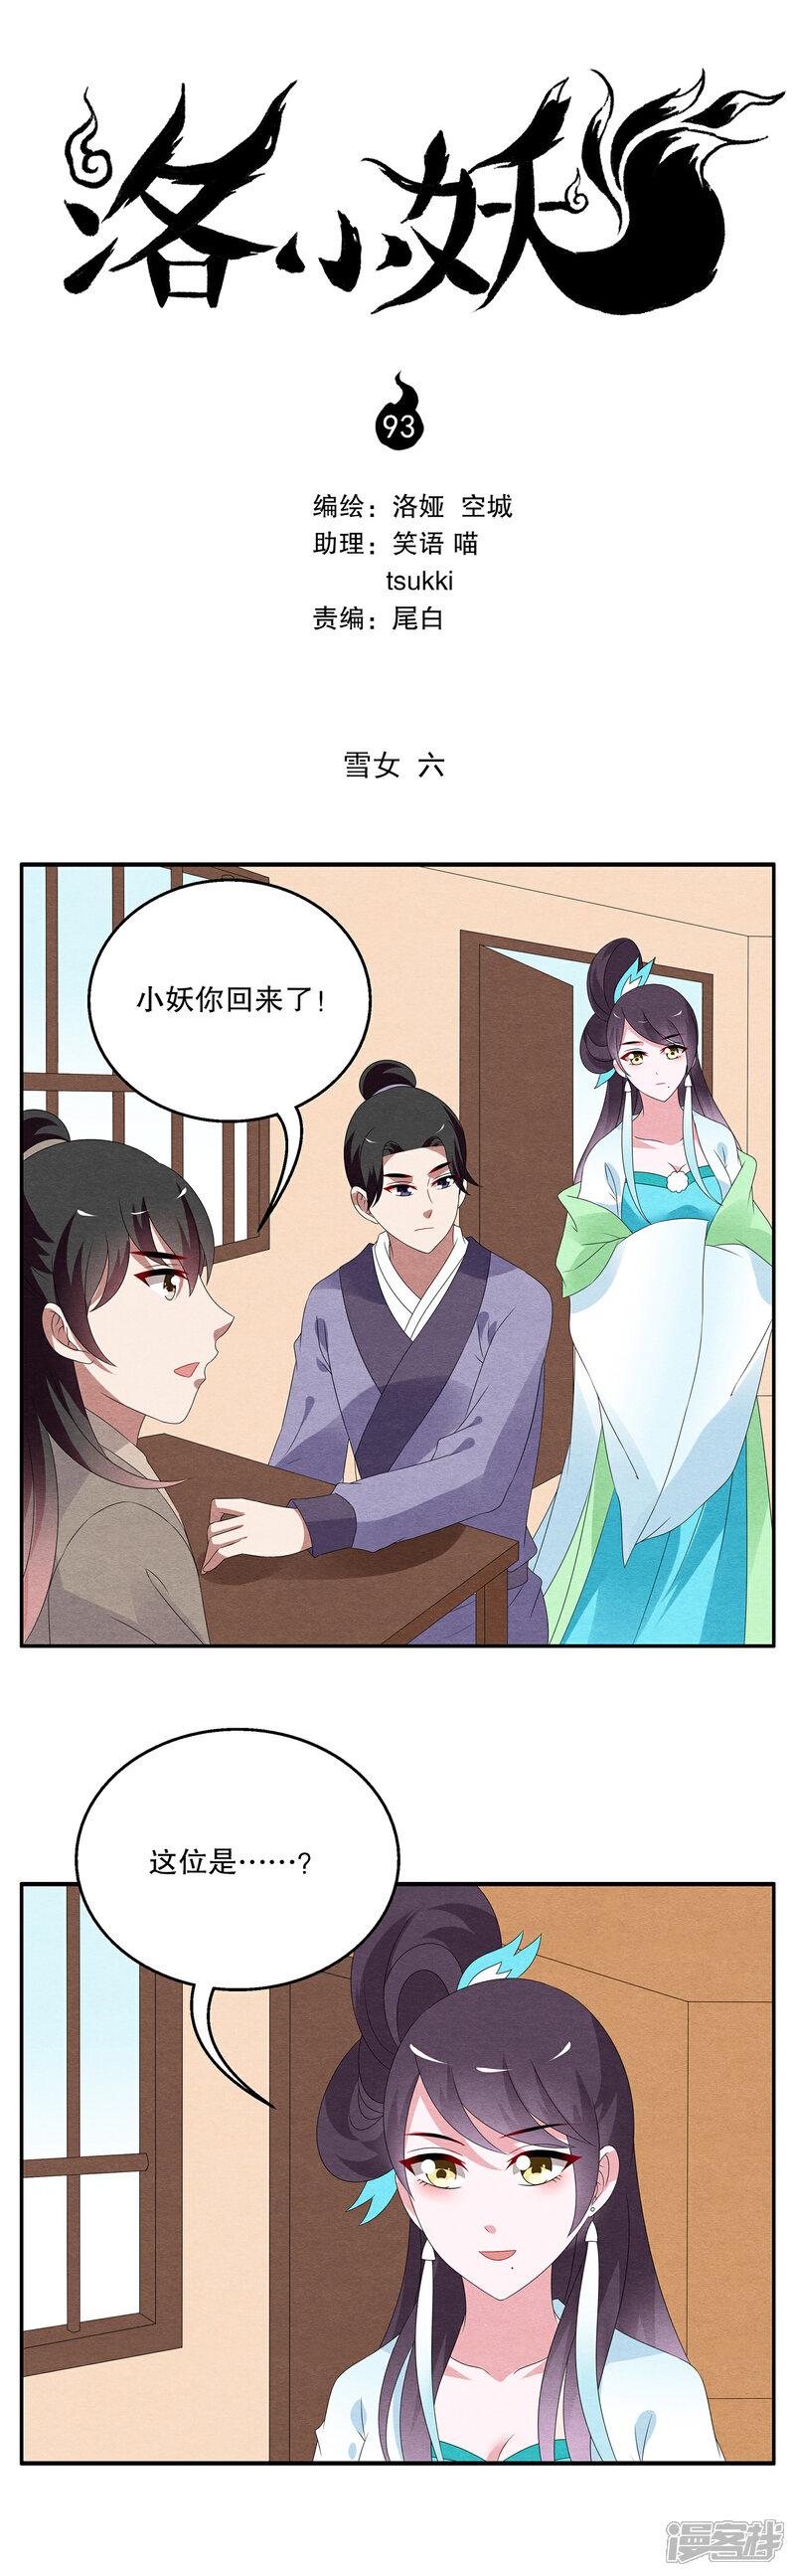 洛小妖92930008-1.jpg